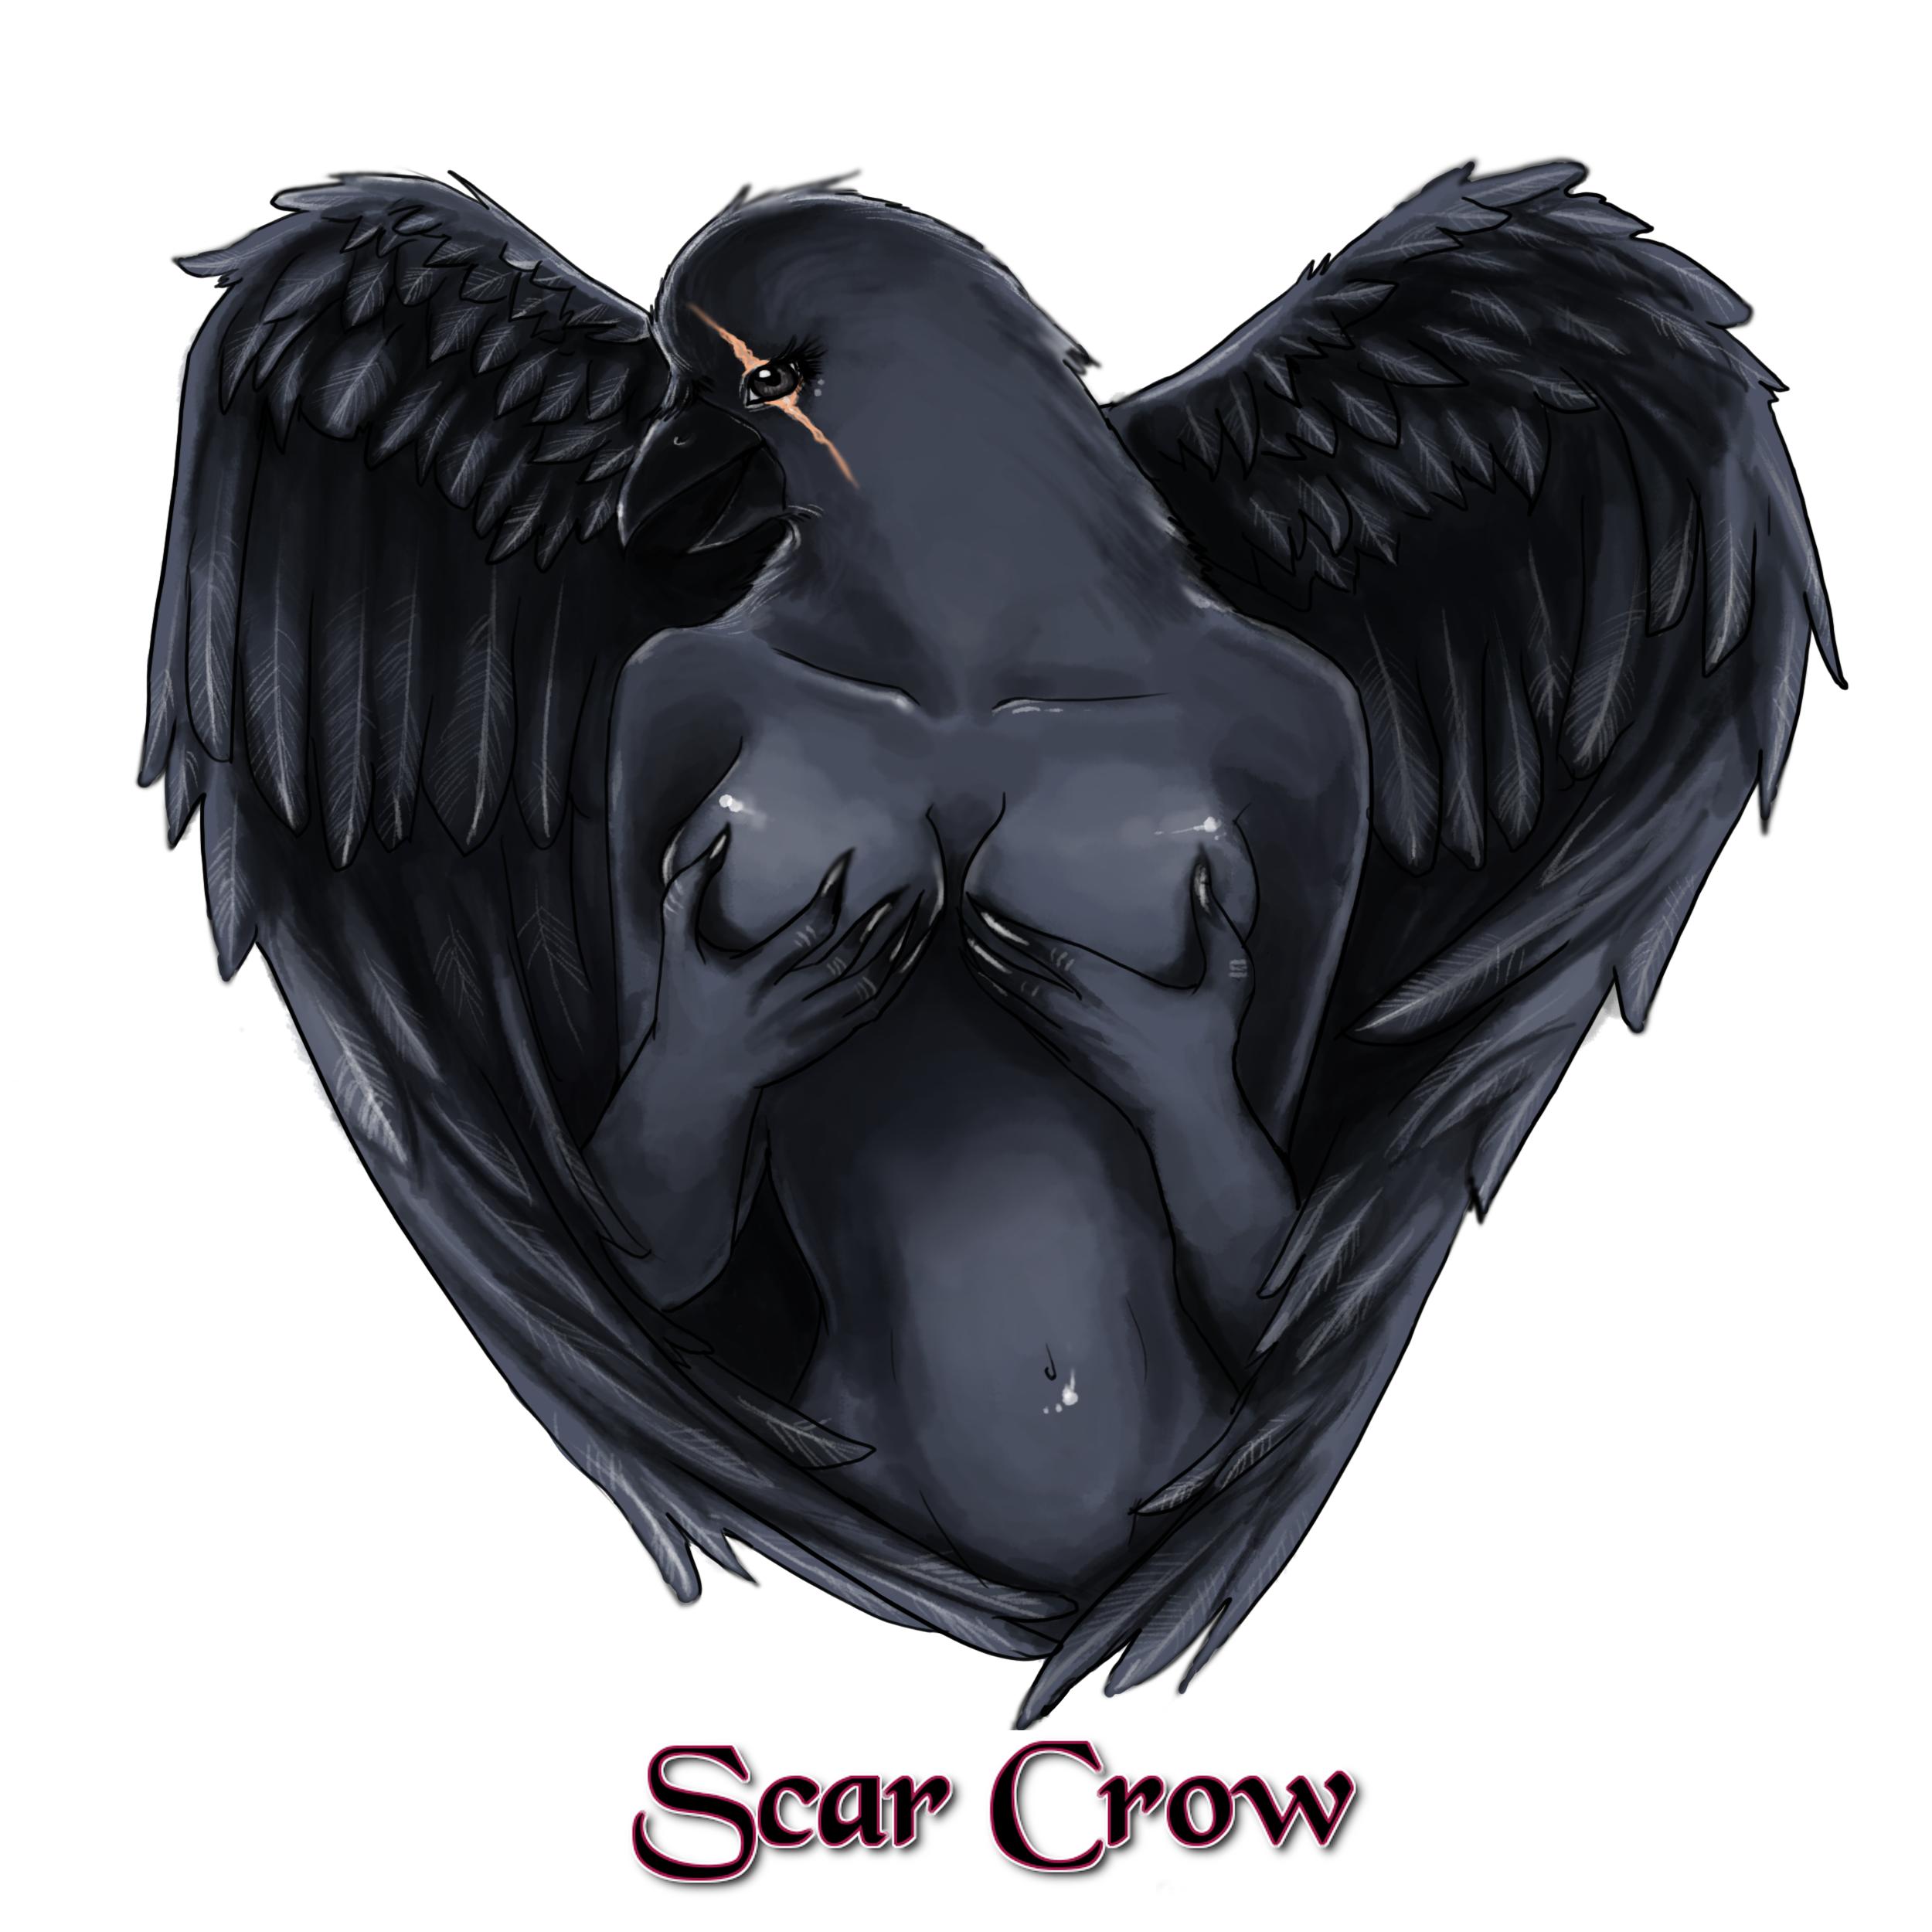 Scar-crow